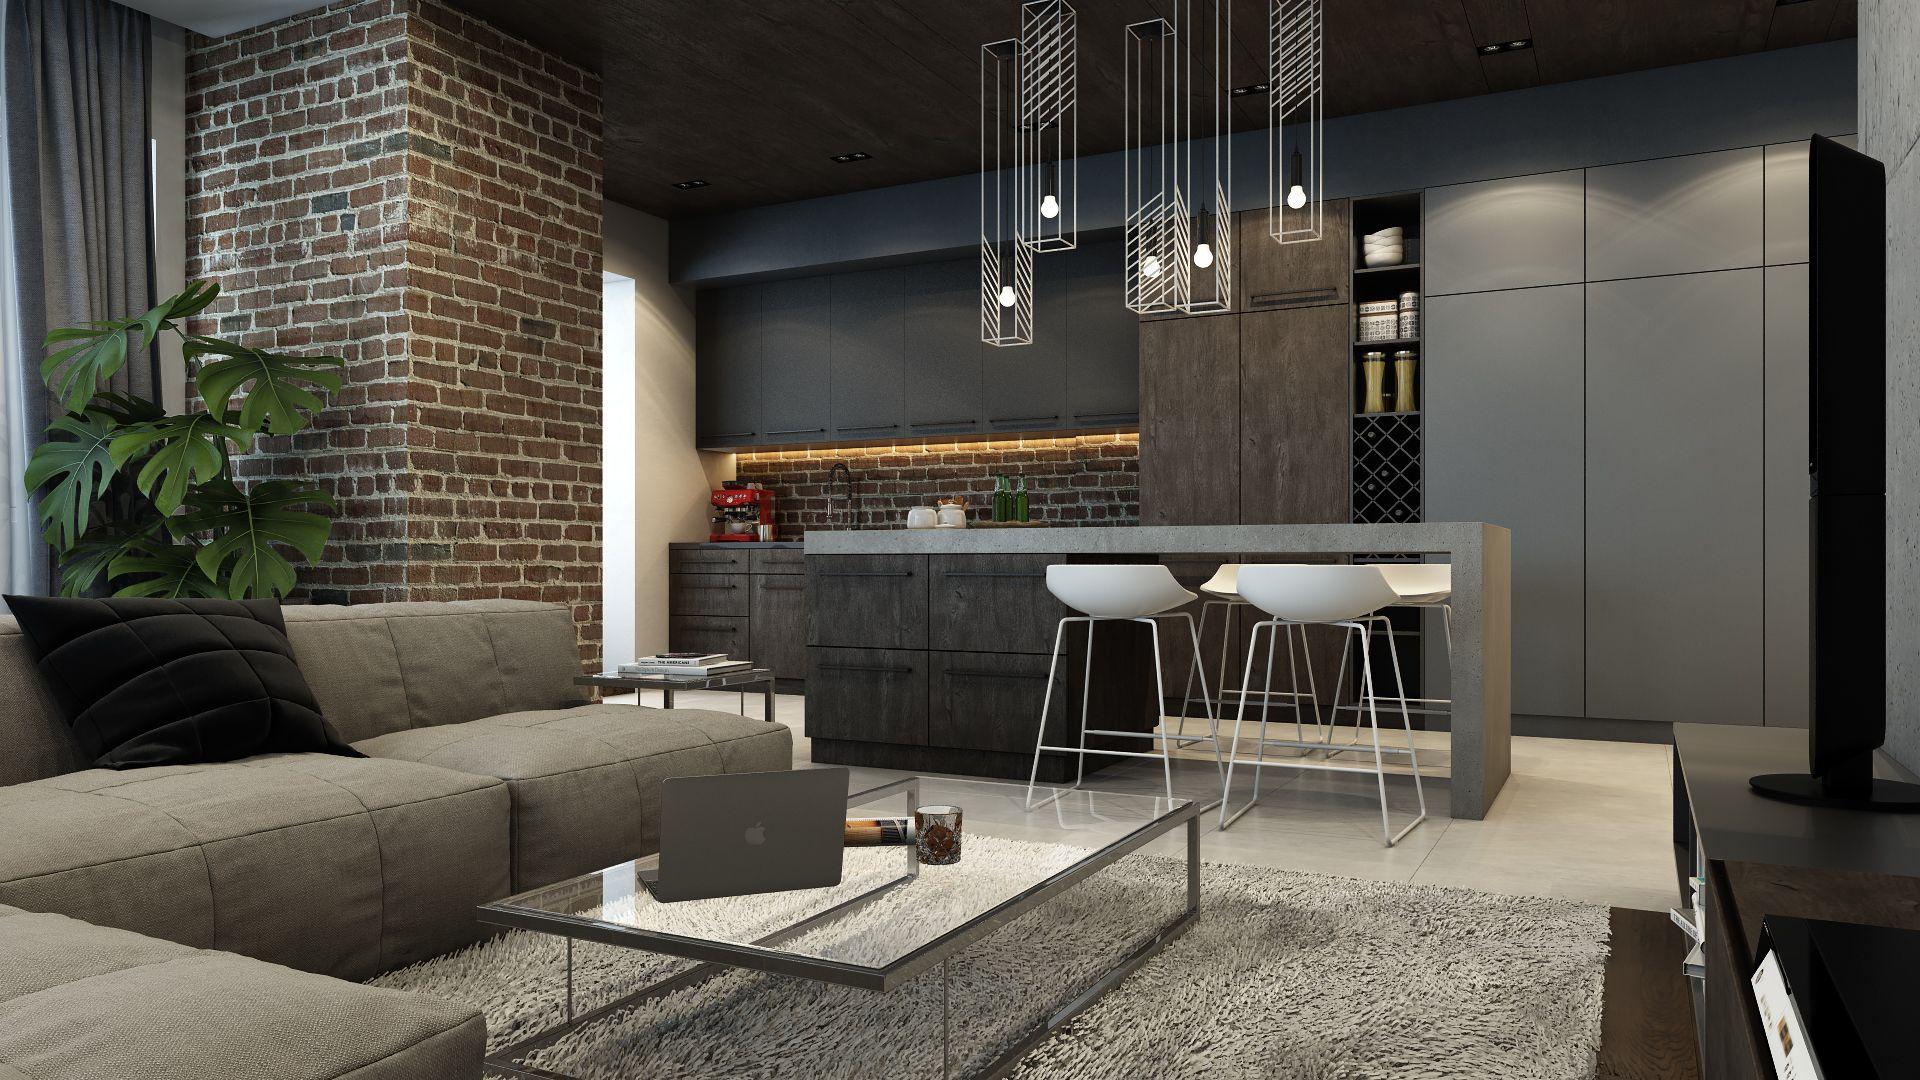 d80daaf4063e221615e5f71165af16d7 Frais De Cuisine Ouverte Bar Concept